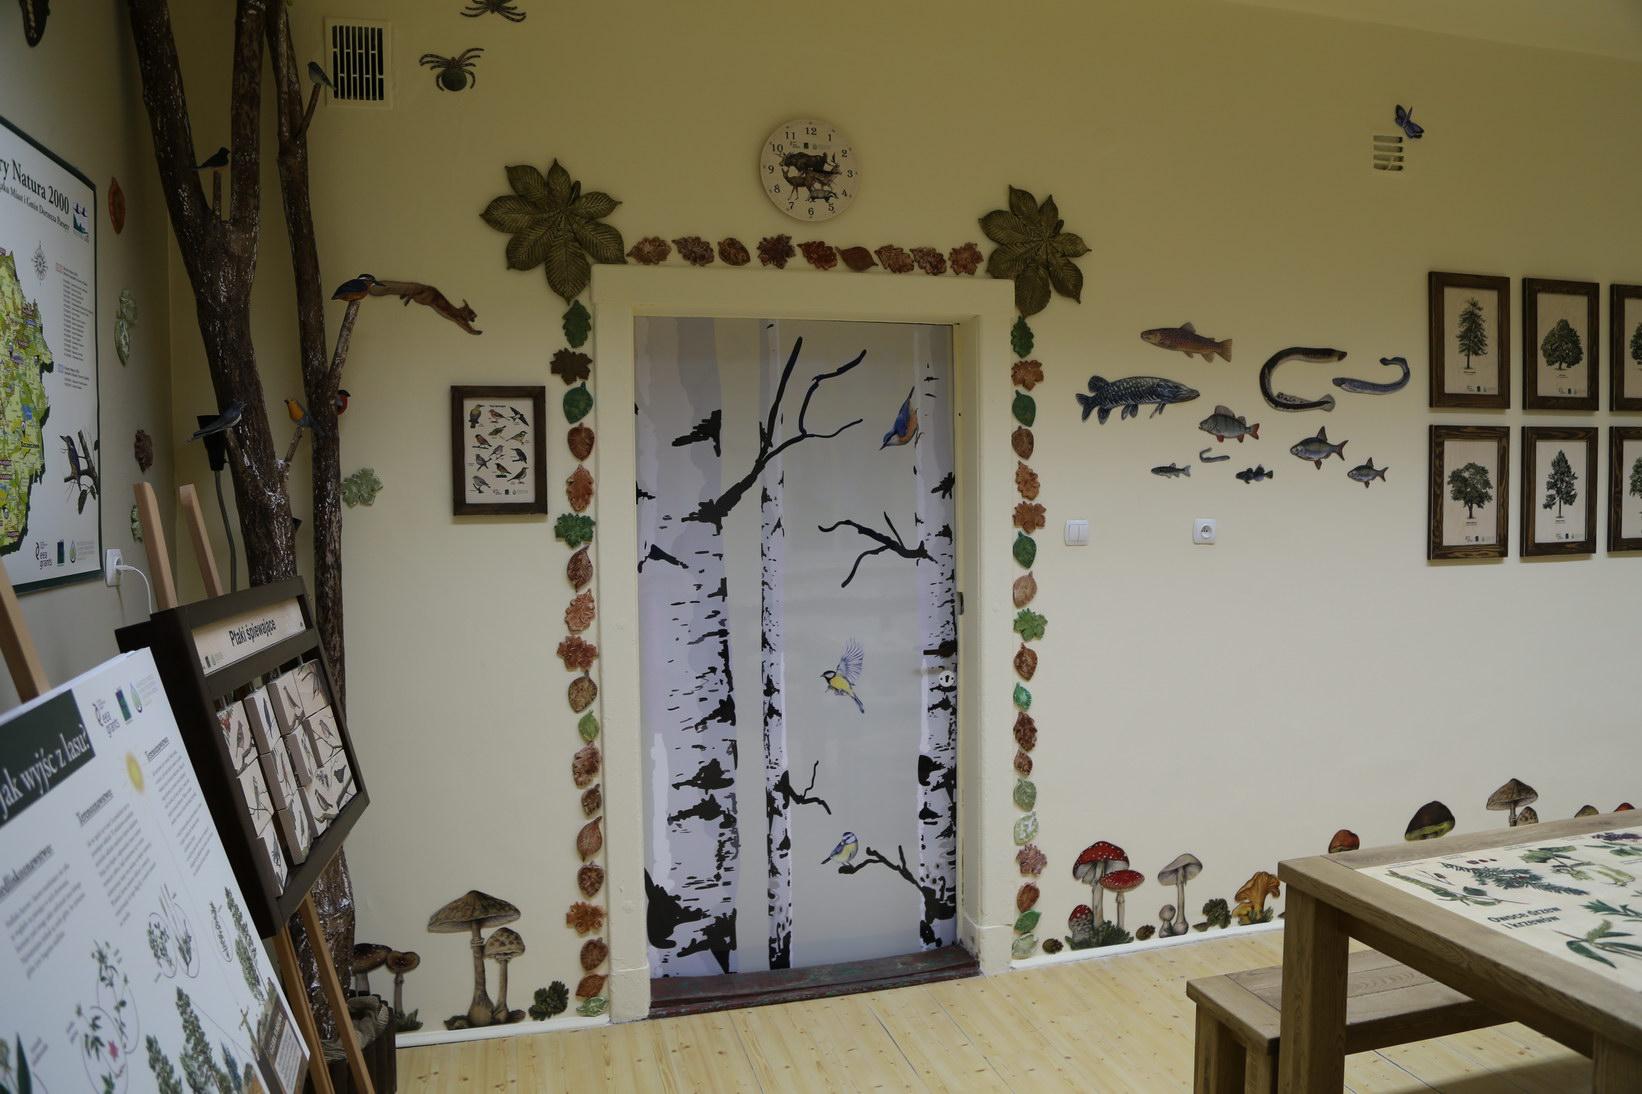 Izby edukacyjne lesne - sale przyrodnicze, wystroj wnetrz - SP w Karlinie (2)